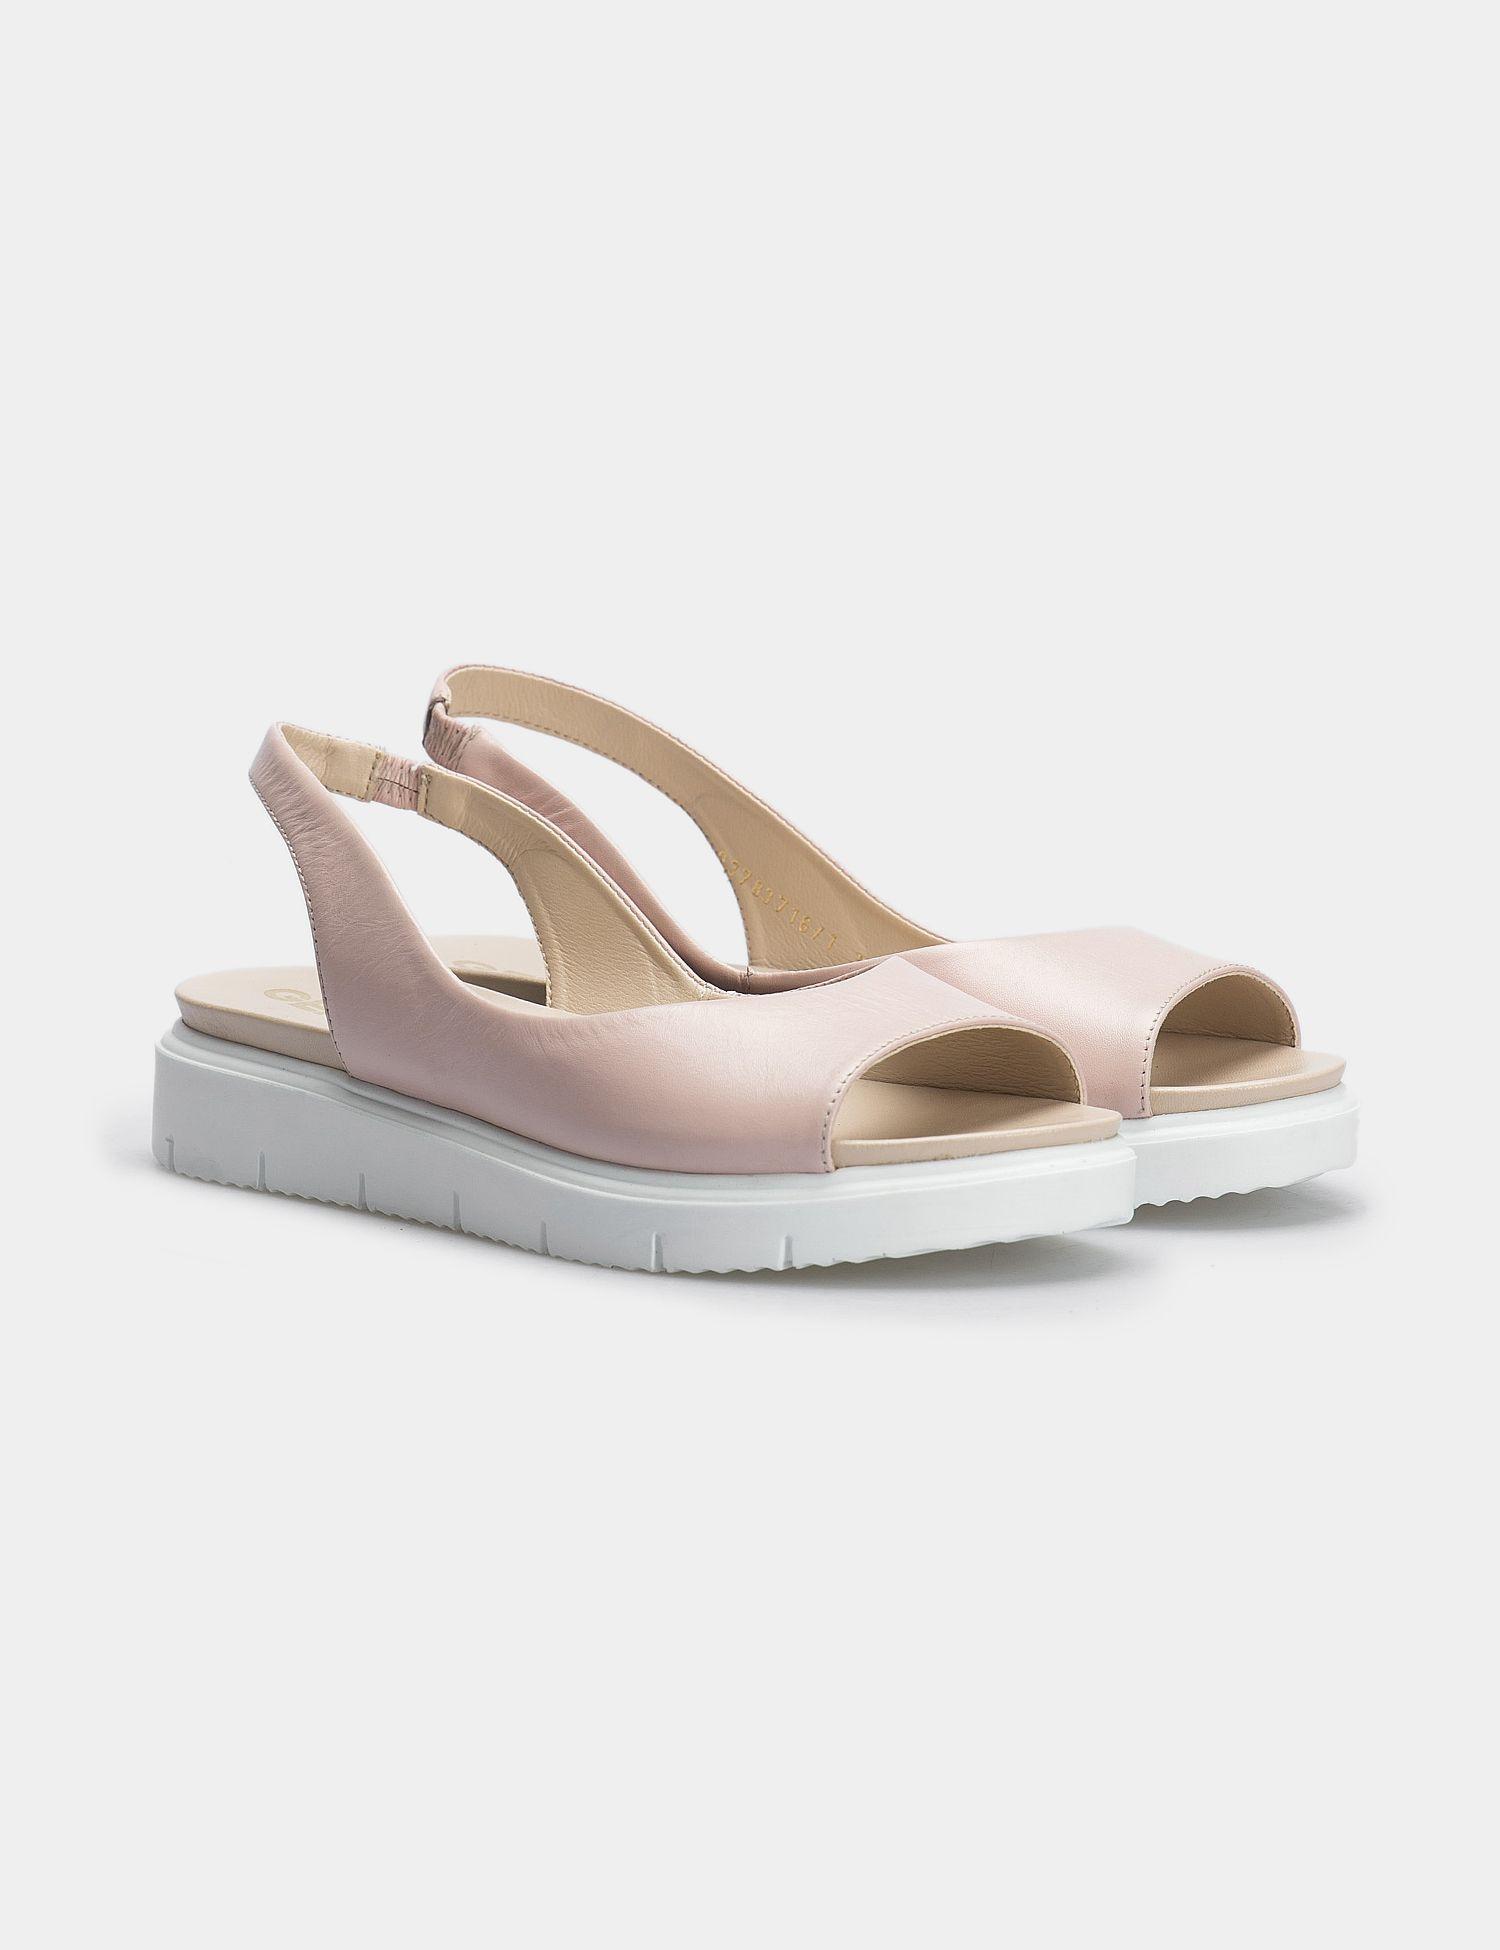 Сандалии женские Сандали 93783716-1 розовая кожа 93783716-1 цена, 2017